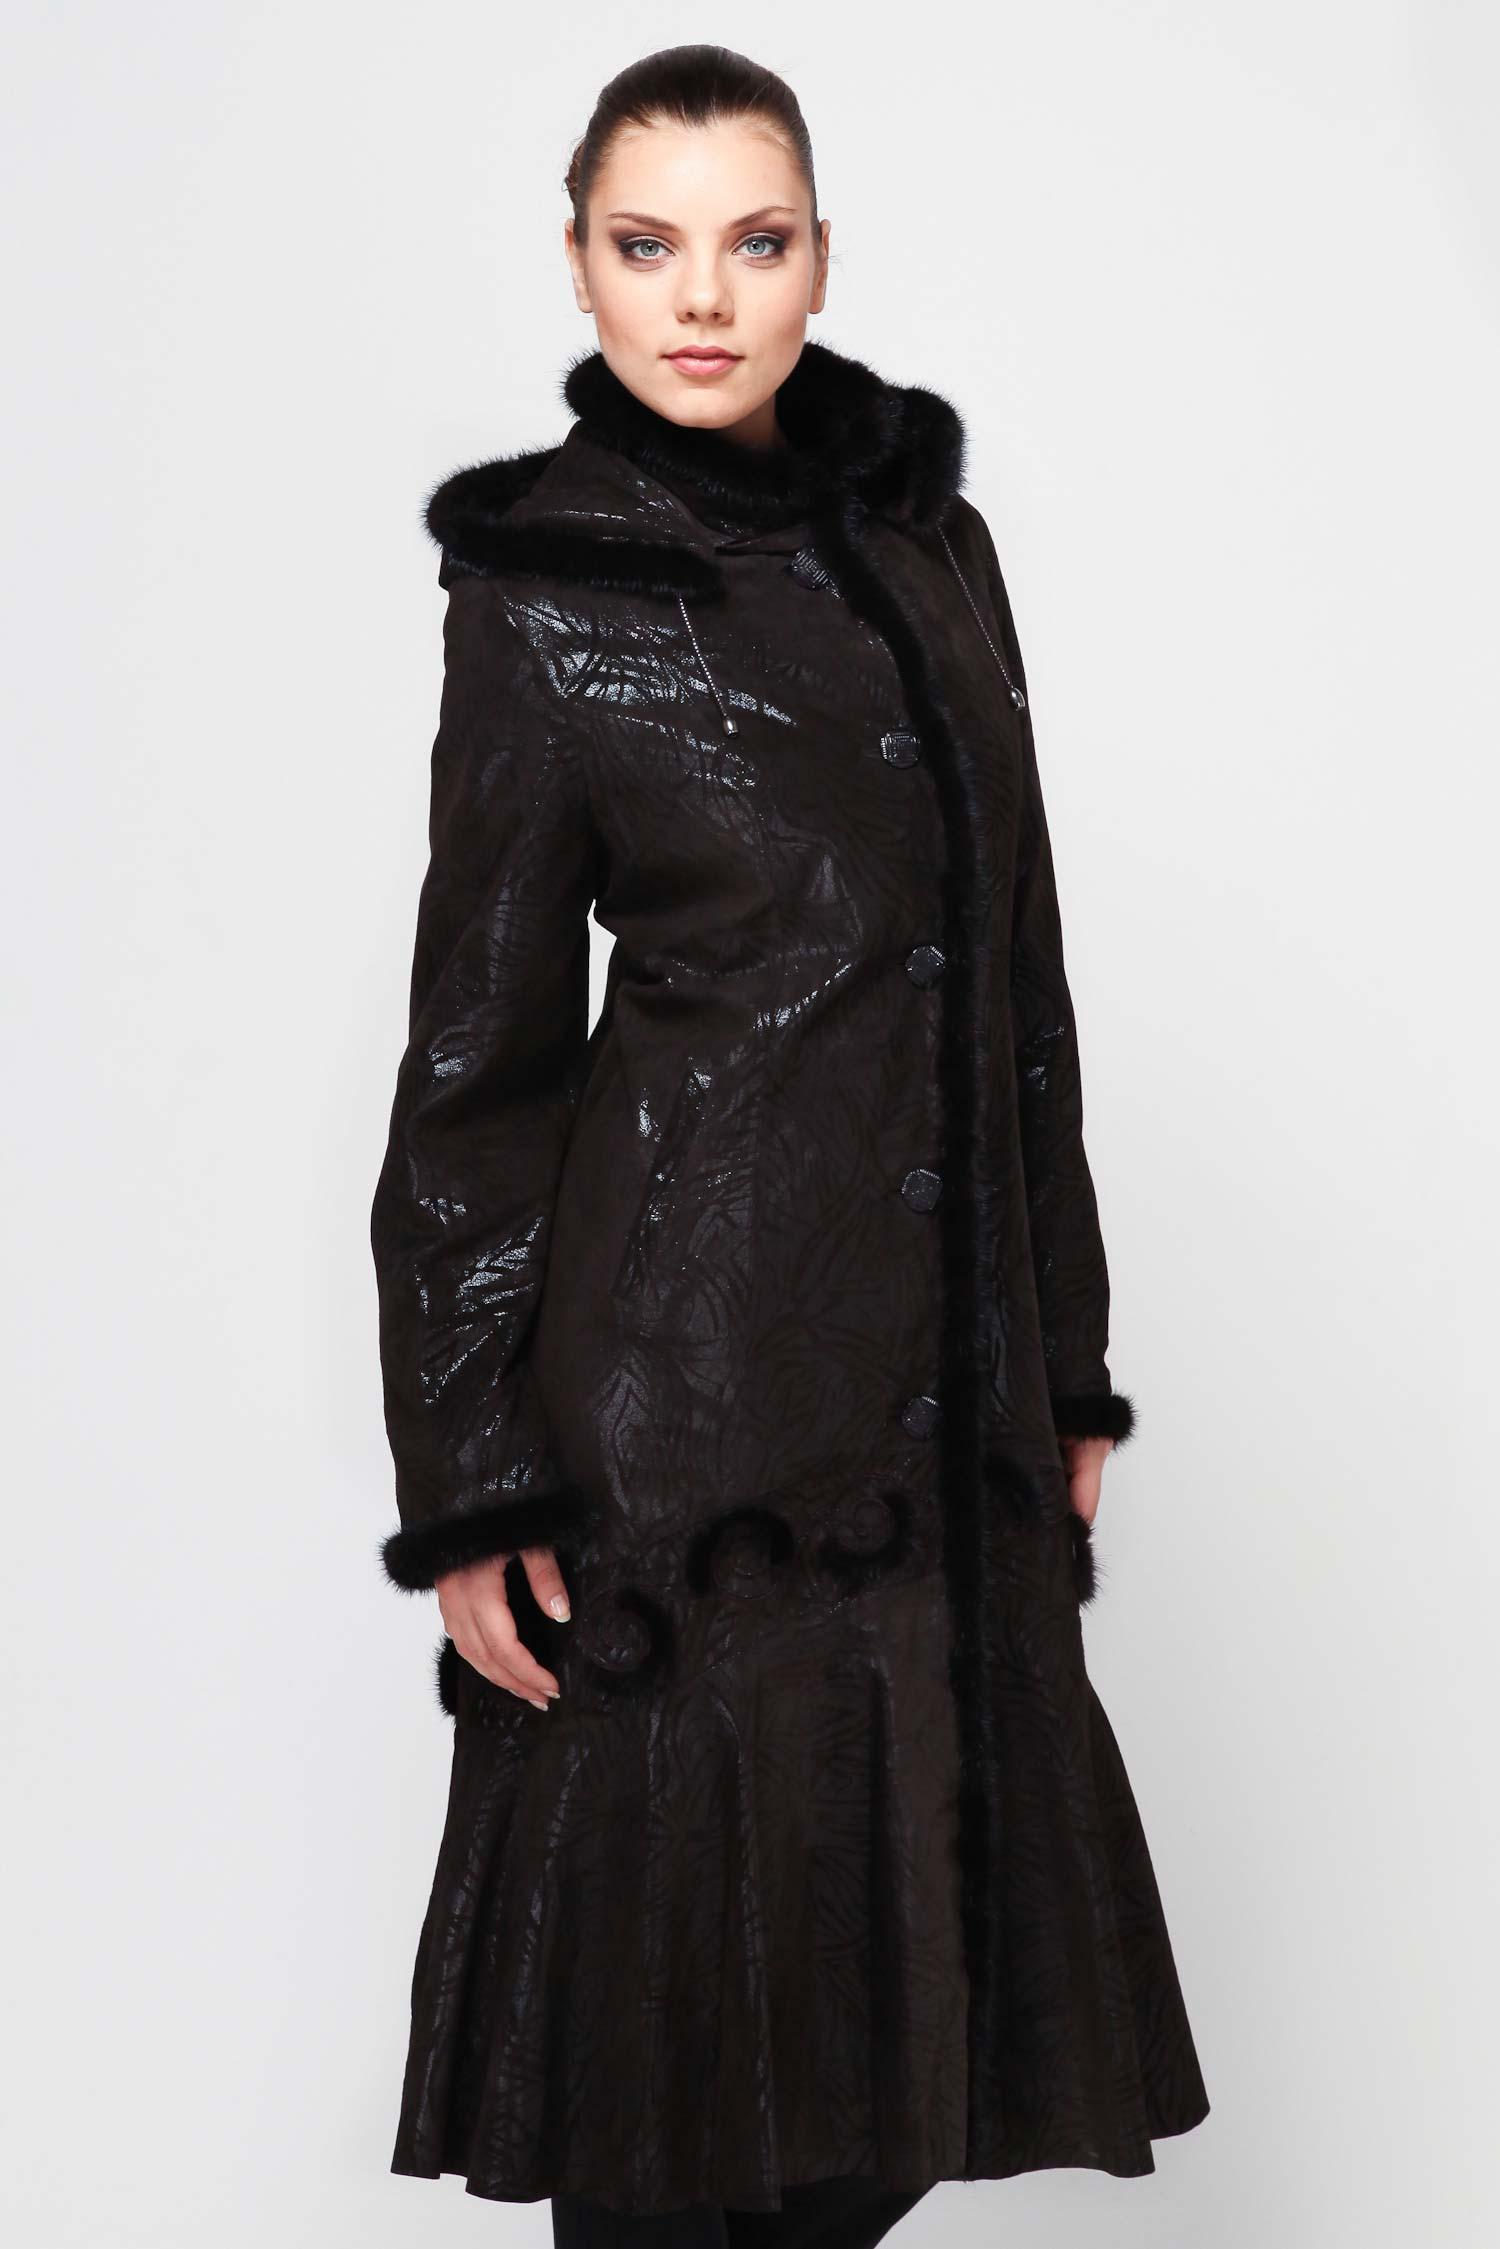 Женское кожаное пальто из натуральной замши (с накатом) с воротником, отделка норкаВосхитительное пальто расклешенного силуэта. Капюшон, воротник, рукава и борт изделия оторочены мехом норки (капюшон по желанию отстегивается). Застегивается на удобные пуговицы через кожаные петли. Изделие станет любимой вещью в демисезонном гардеробе.<br><br>Воротник: Стойка<br>Длина см: 125<br>Материал: Замша с накатом<br>Цвет: Коричневый<br>Вид застежки: Норка<br>Пол: Женский